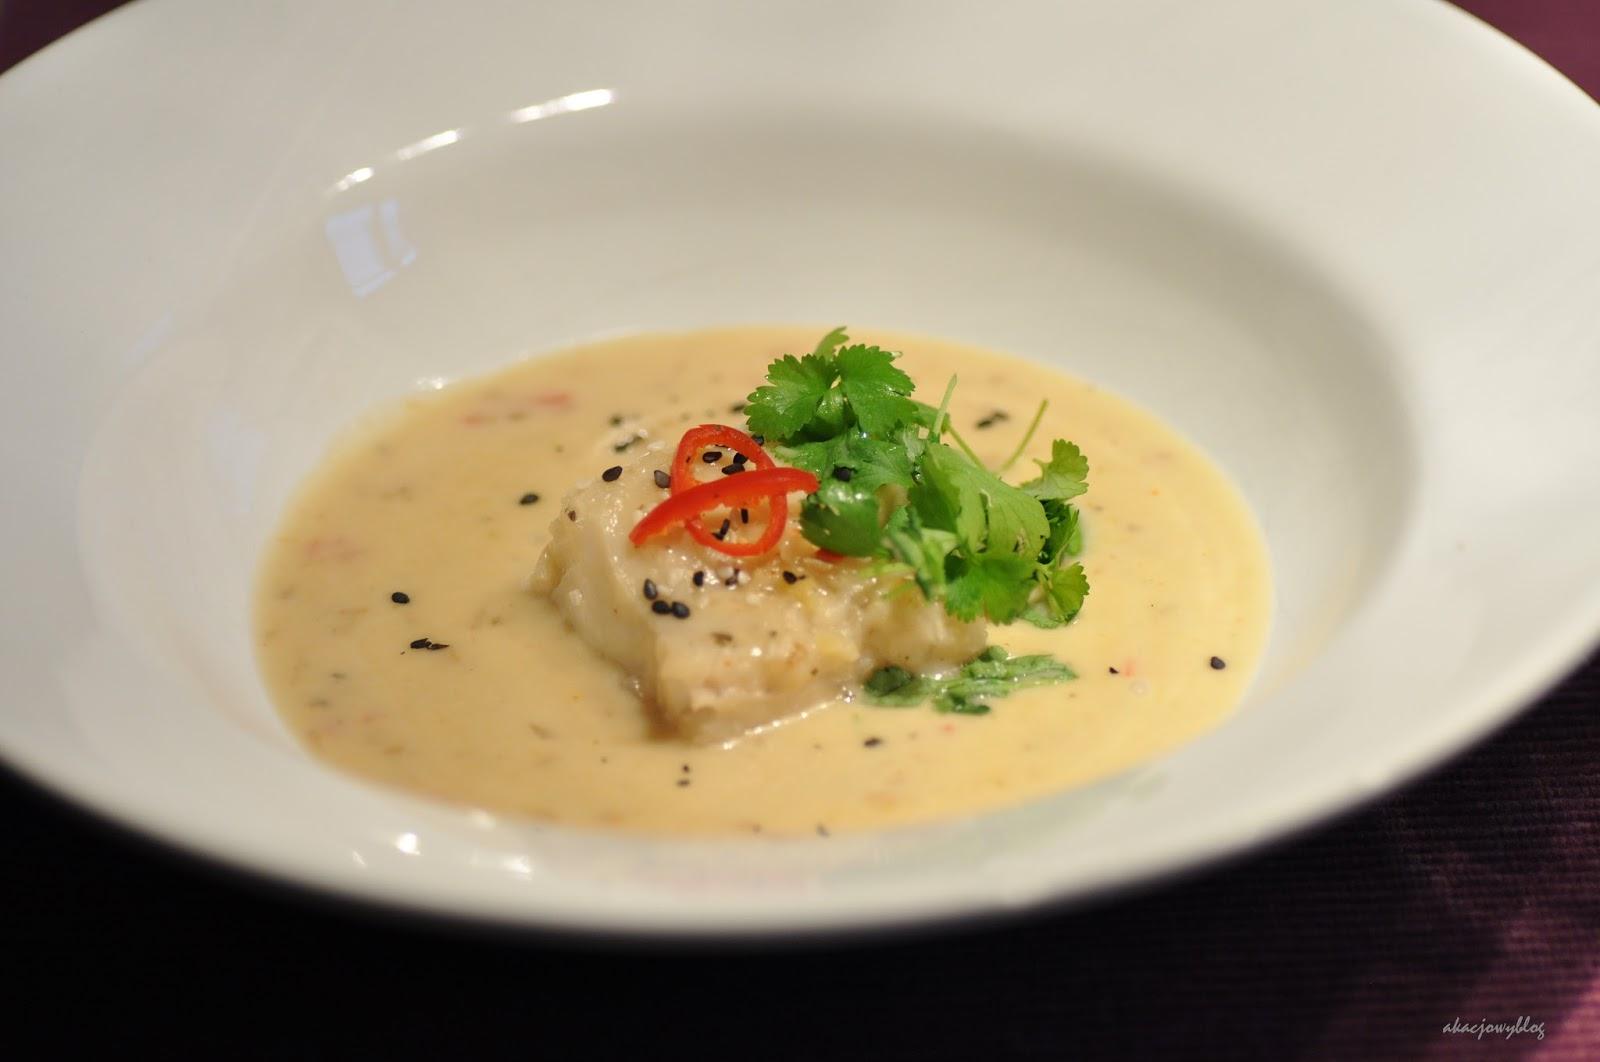 Ptaki Islandii - część 1. Kulinarnie dorsz a la Nage czyli tajskie oblicze ryby.